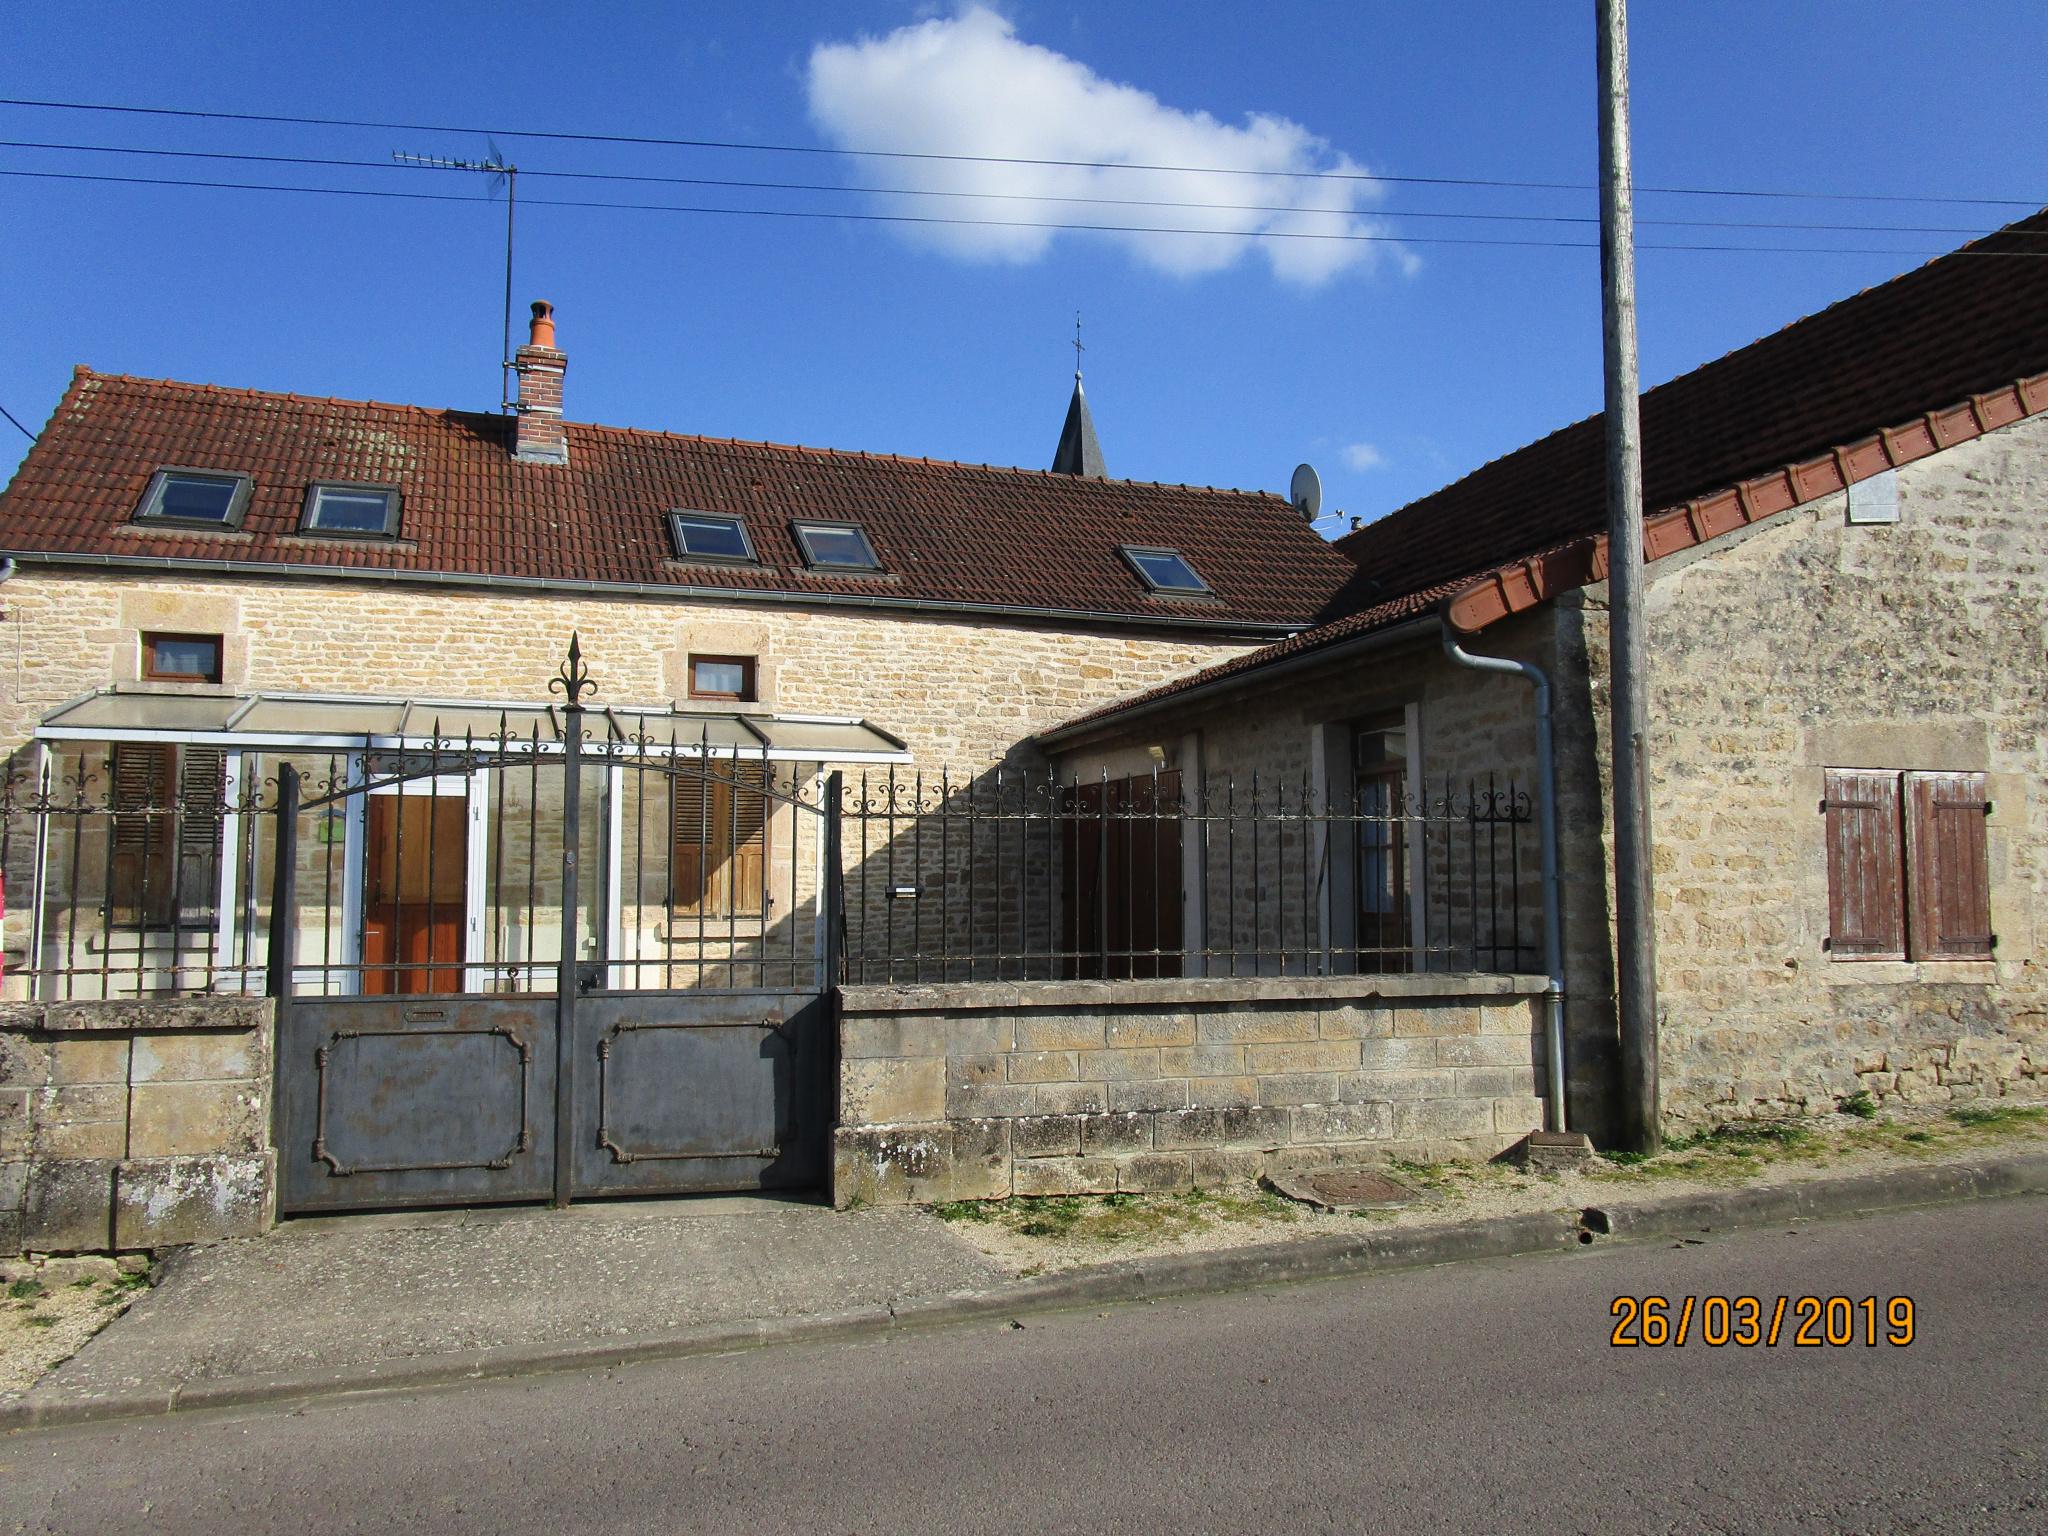 Maison ancienne rénovée avec 3 chambres, grange, cour et jardin clos